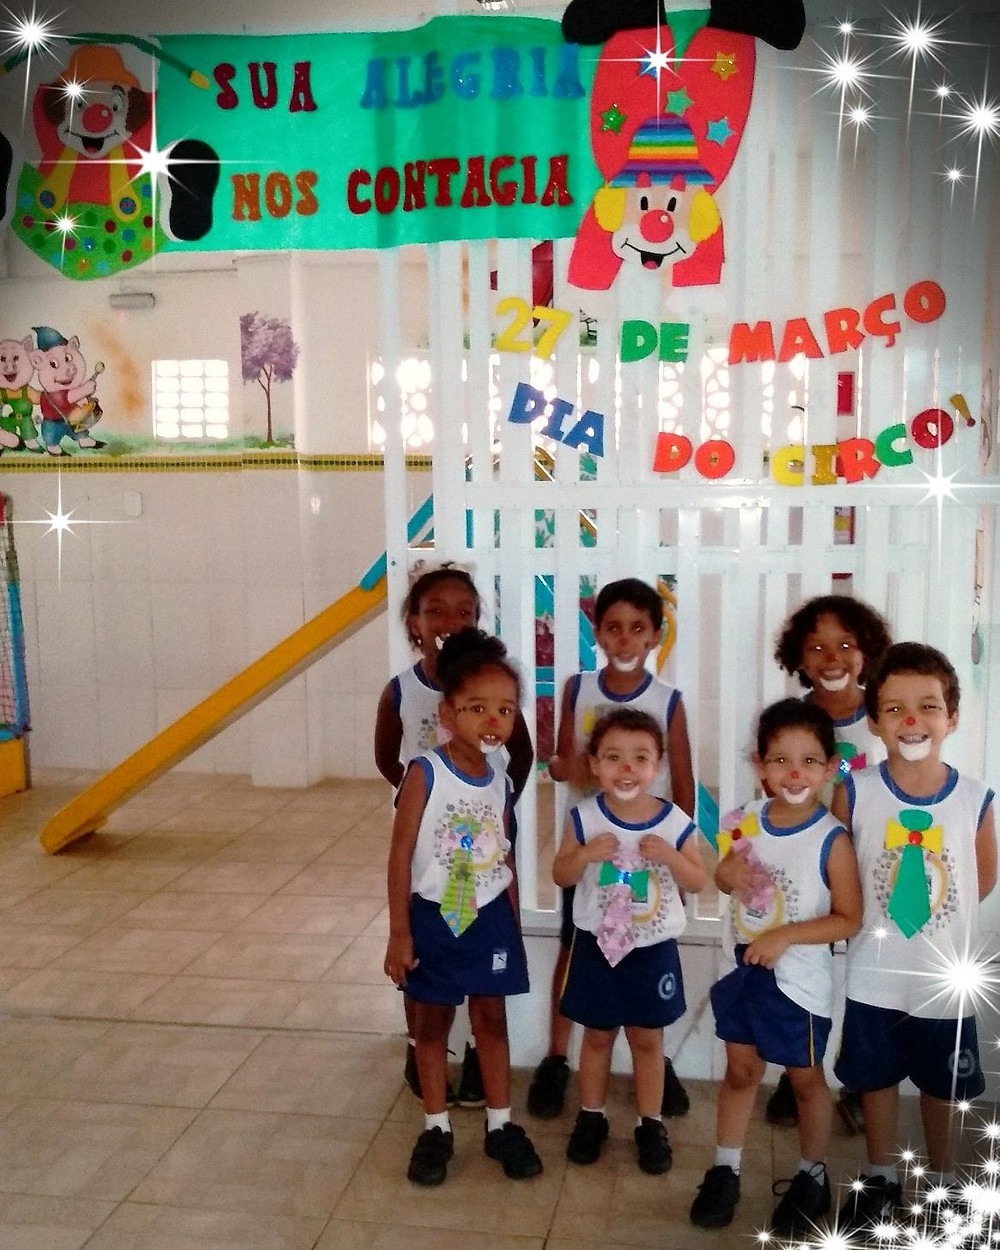 Comemoramos hoje o dia do circo, onde a educação e a alegria se encontram.